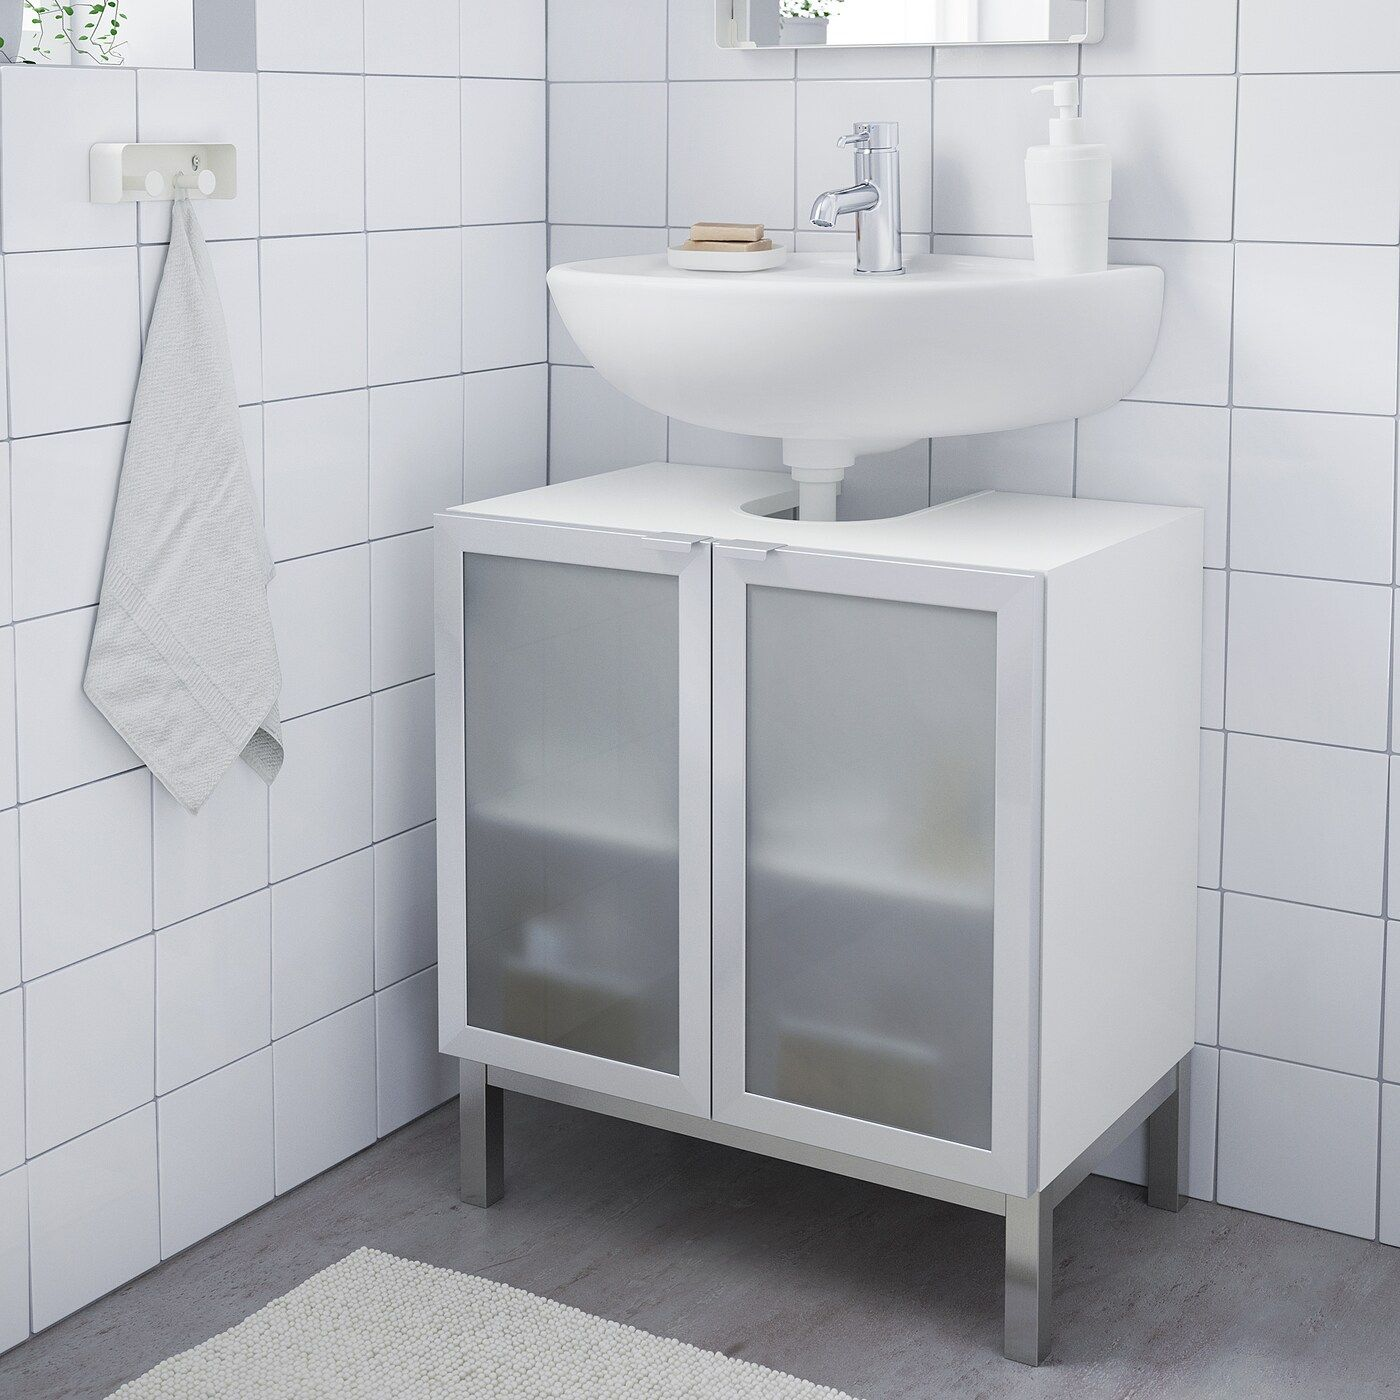 Lillangen Waschbeckenunterschrank 2 Turen Weiss Aluminium Ikea Osterreich In 2020 Waschbeckenunterschrank Ikea Lillangen Kleines Bad Dekorieren